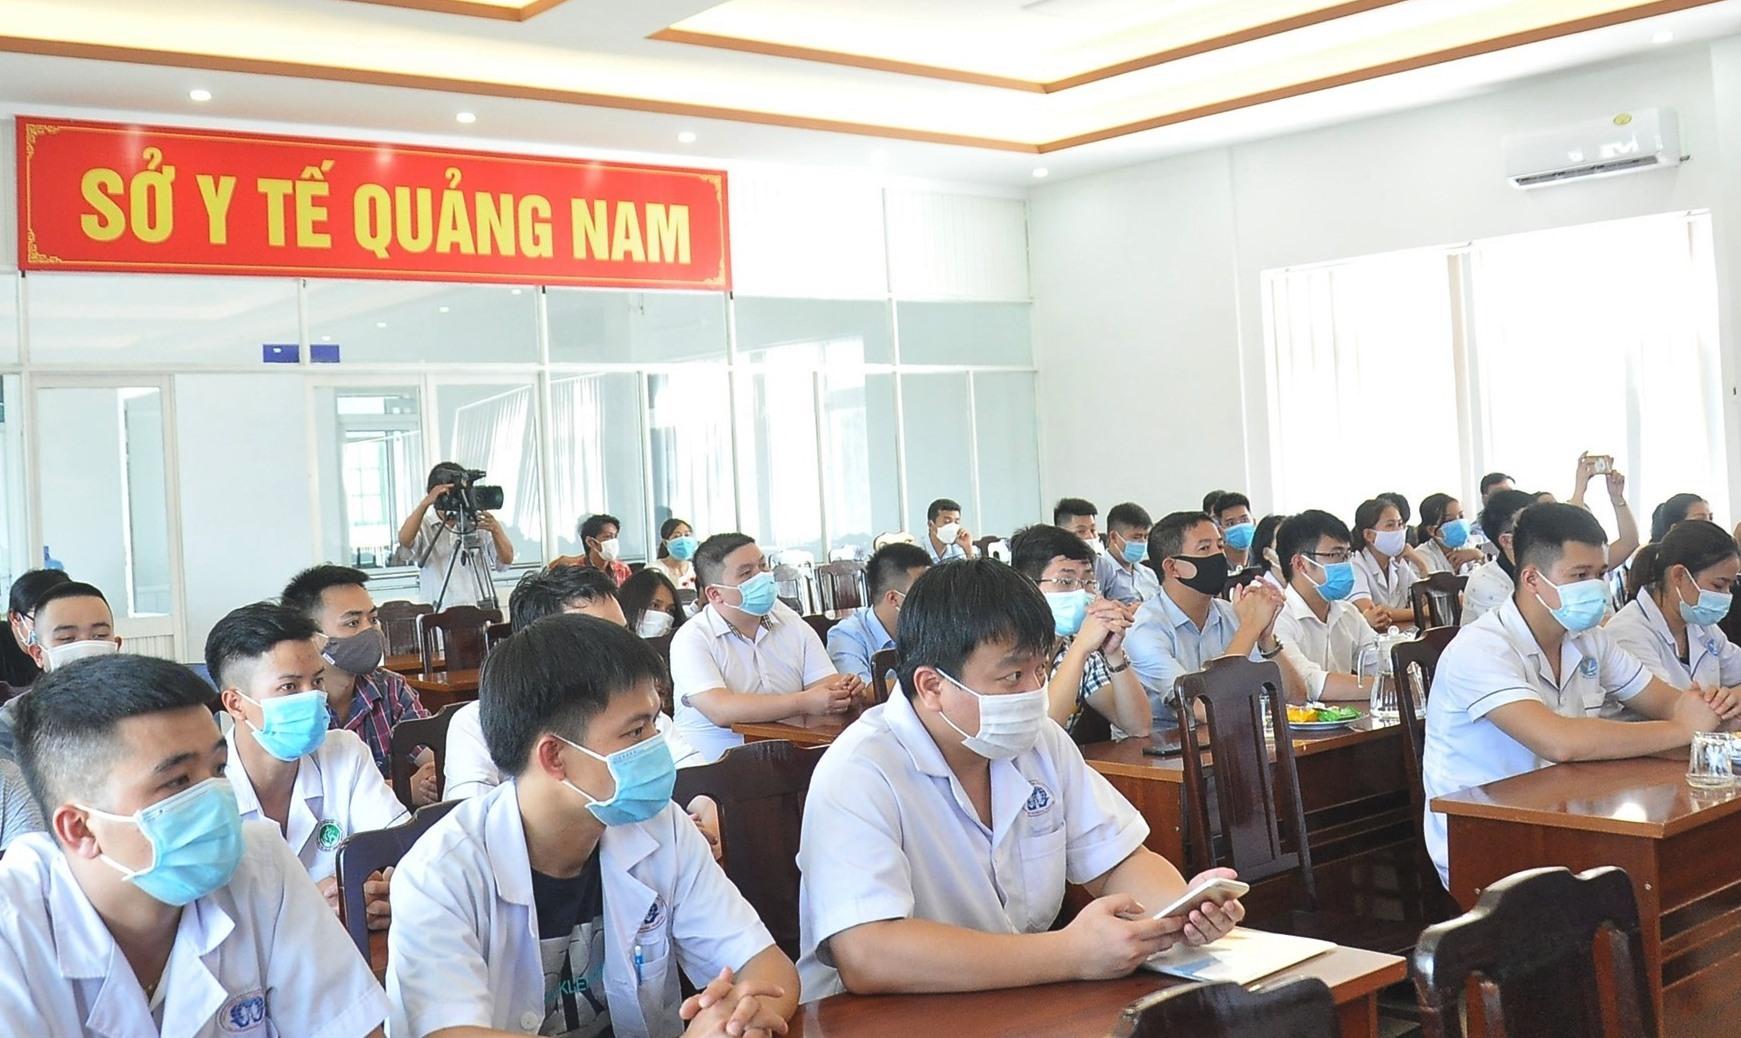 Từ hôm nay, 18 bác sĩ và 20 điều dưỡng của tỉnh Phú Thọ sẽ bắt tay hỗ trợ ngành Y tế Quảng Nam chống dịch. Ảnh: VINH ANH